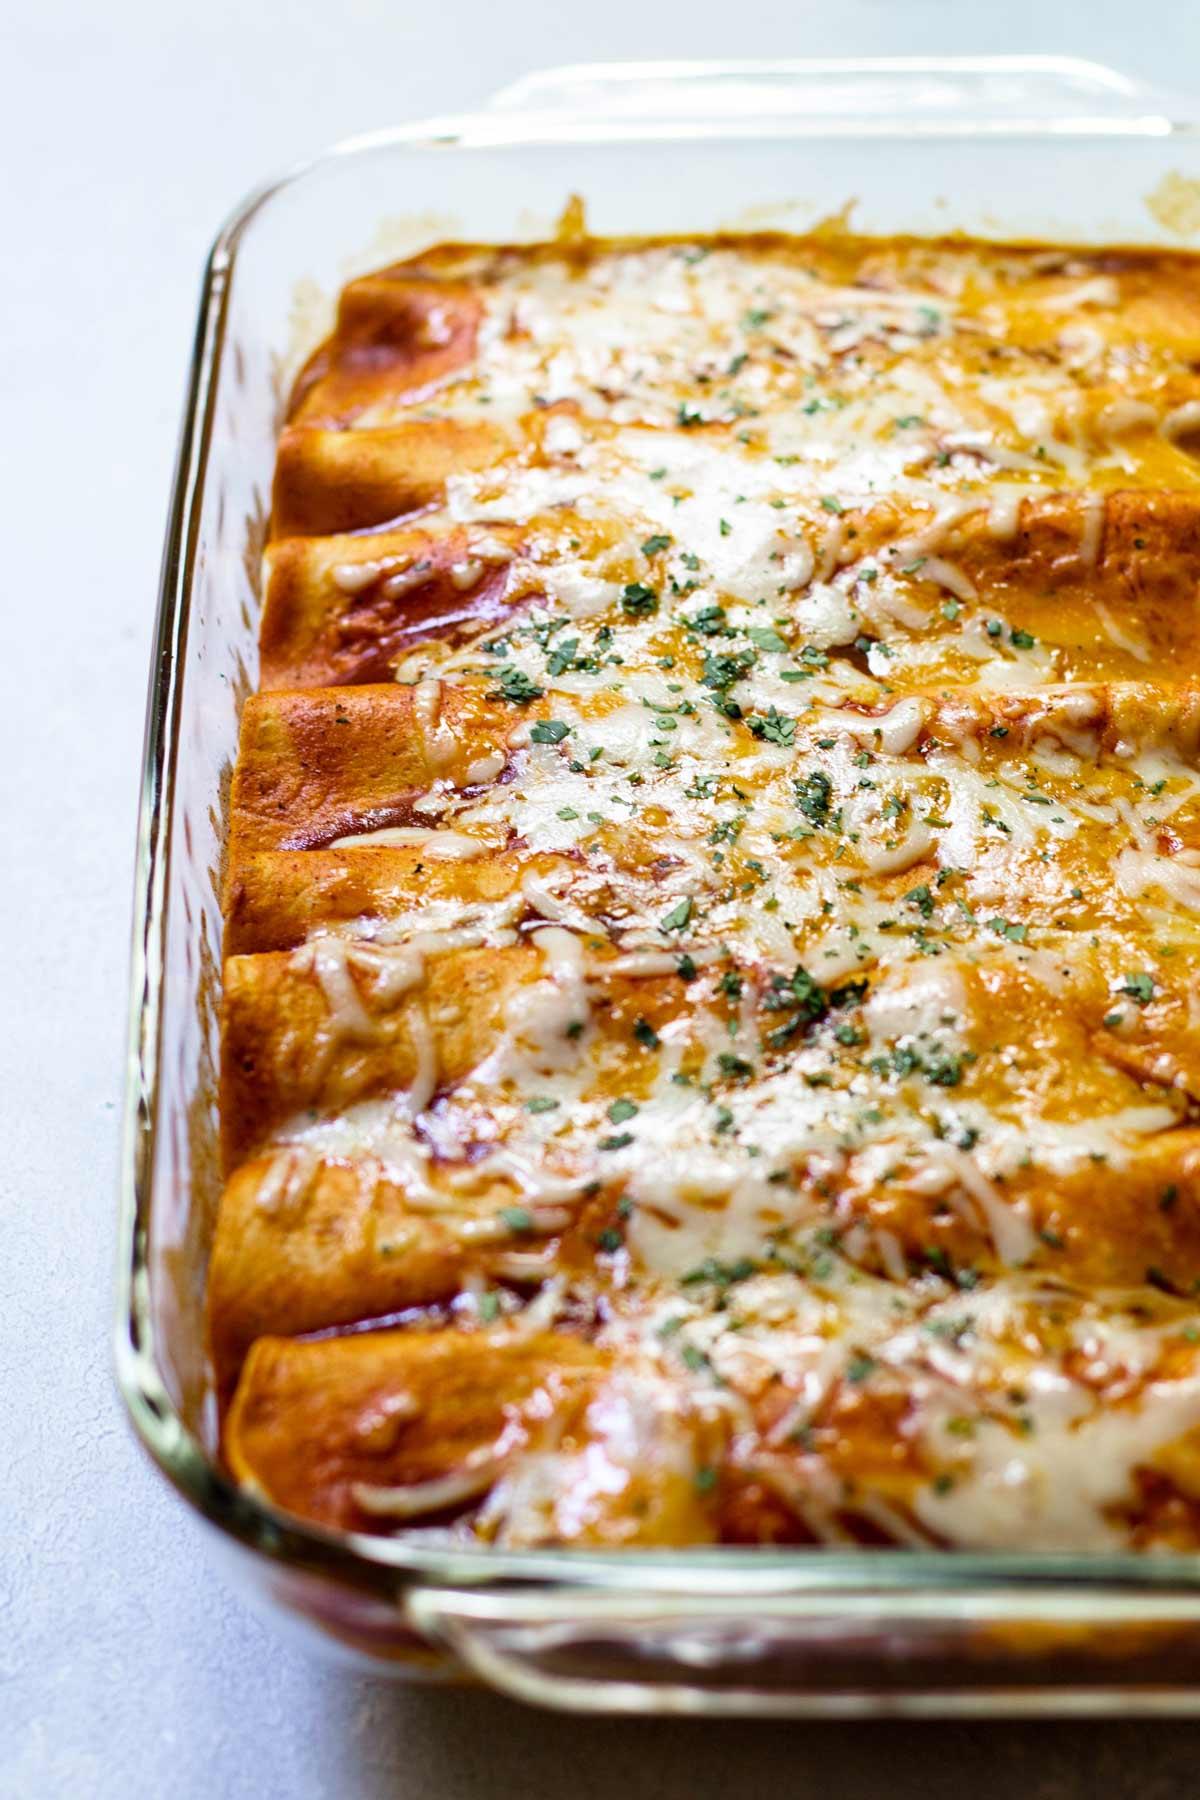 enchiladas in a baking dish.